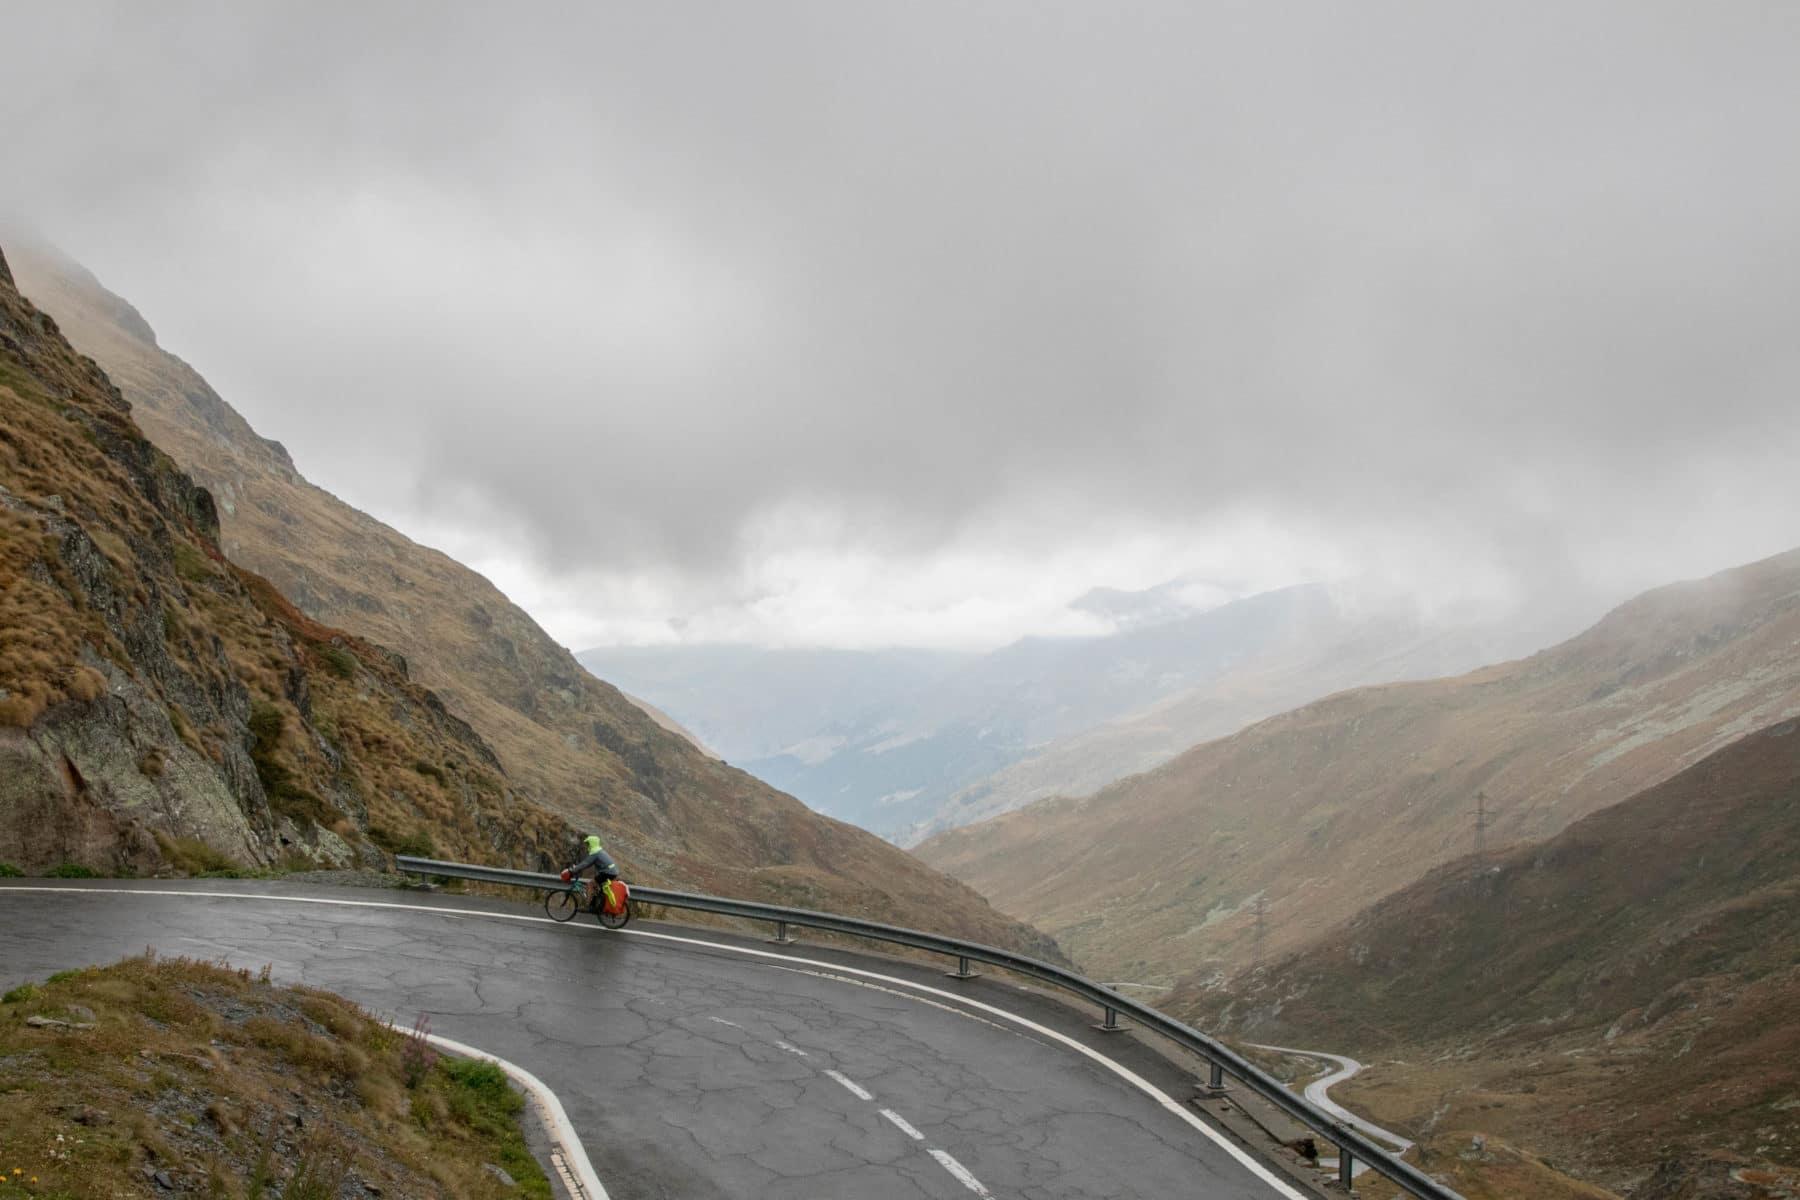 La liste de Noël du cyclovoyageur : des idées cadeaux liées au voyage à vélo !